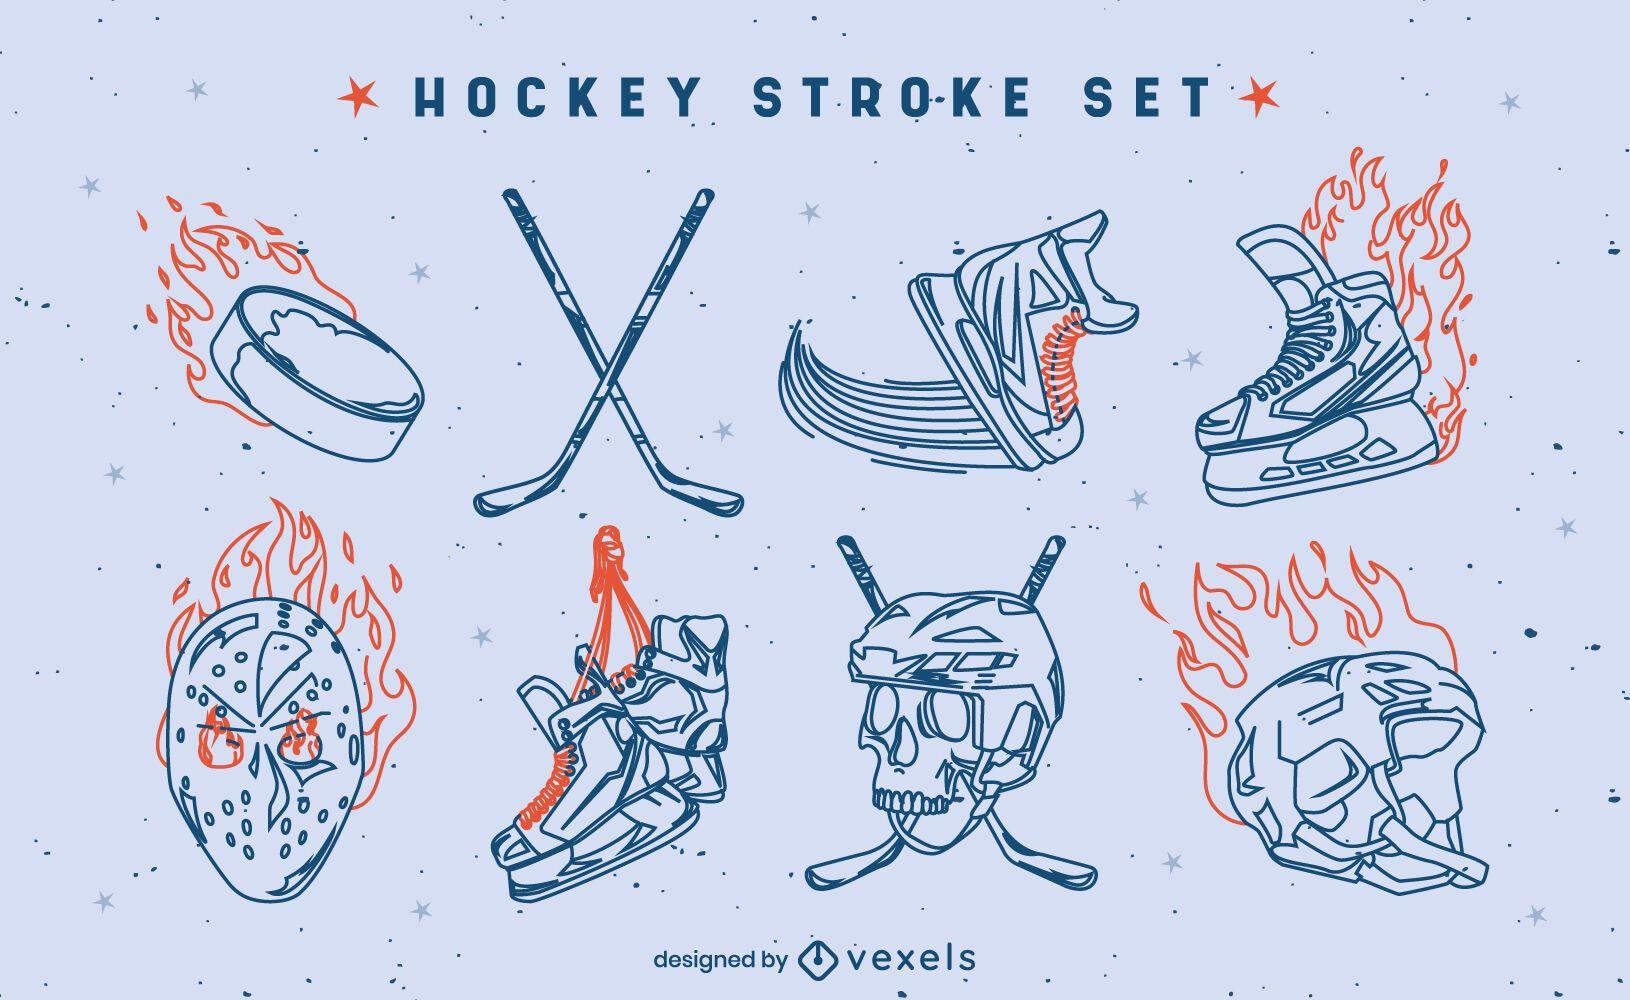 Juego de trazos de equipo de fuego deportivo de hockey sobre hielo